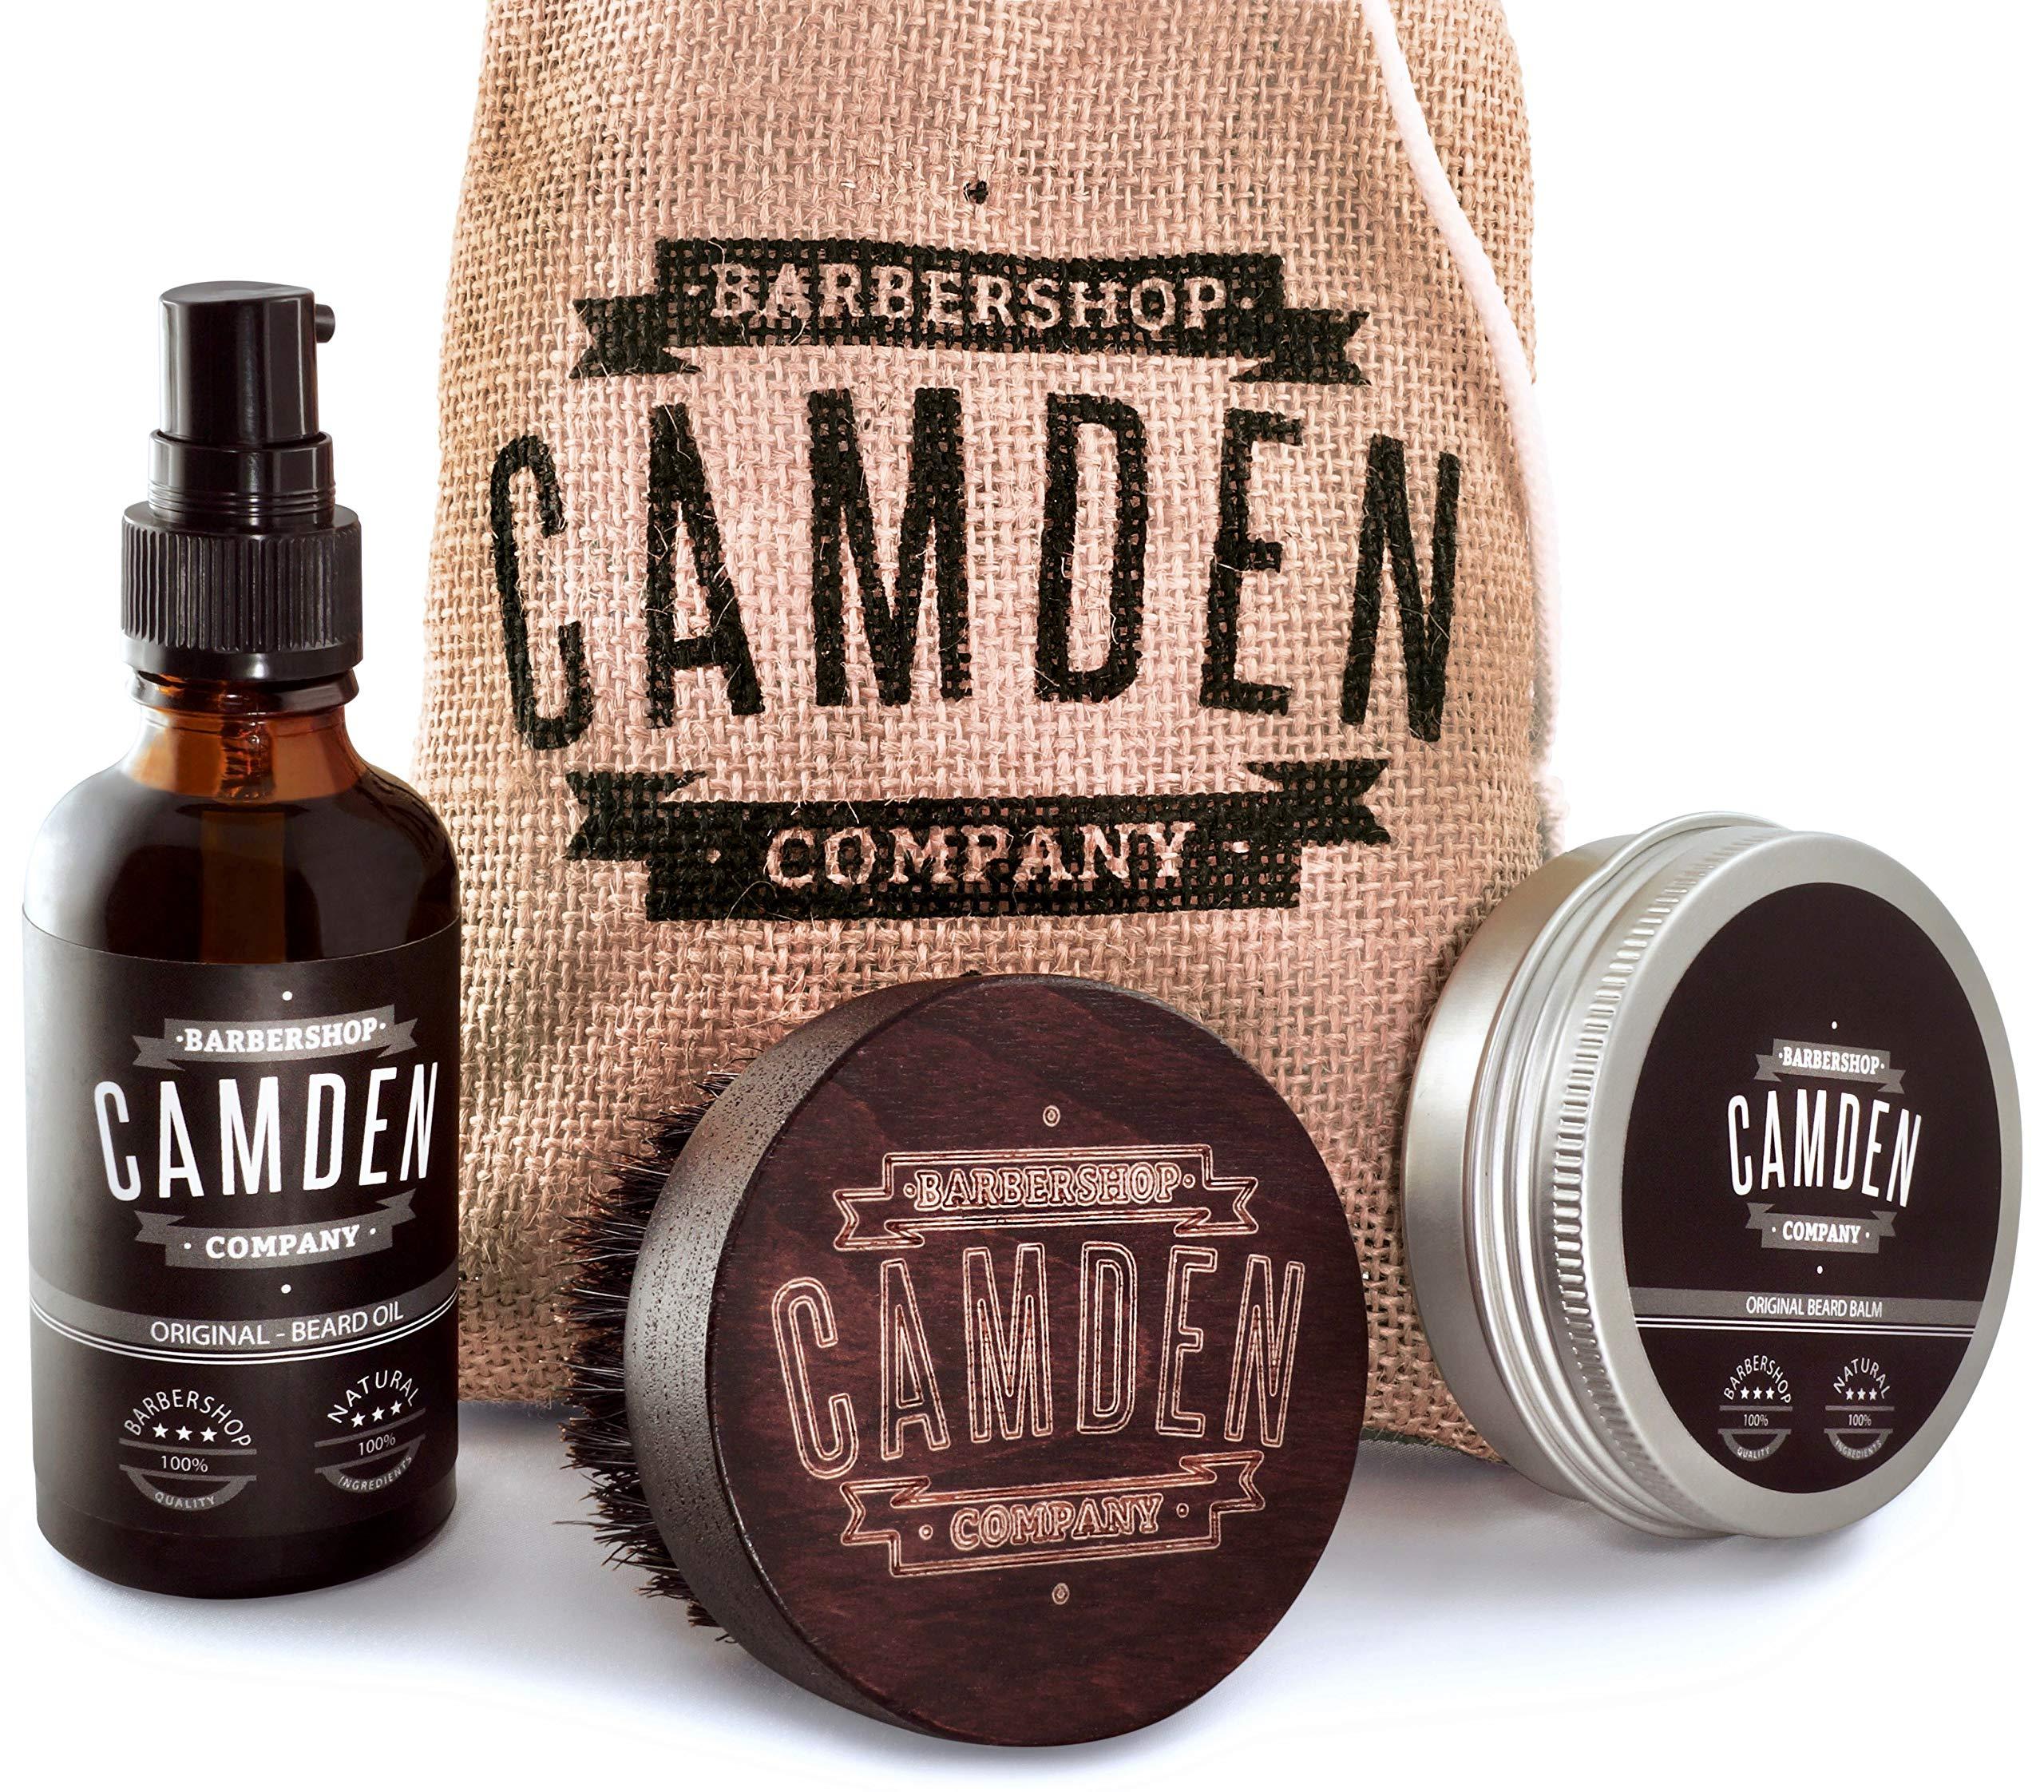 Set deluxe para el cuidado de la barba ○ Incluye aceite, bálsamo y cepillo para barba ○ Set de regalo de Camden Barbershop Company ○